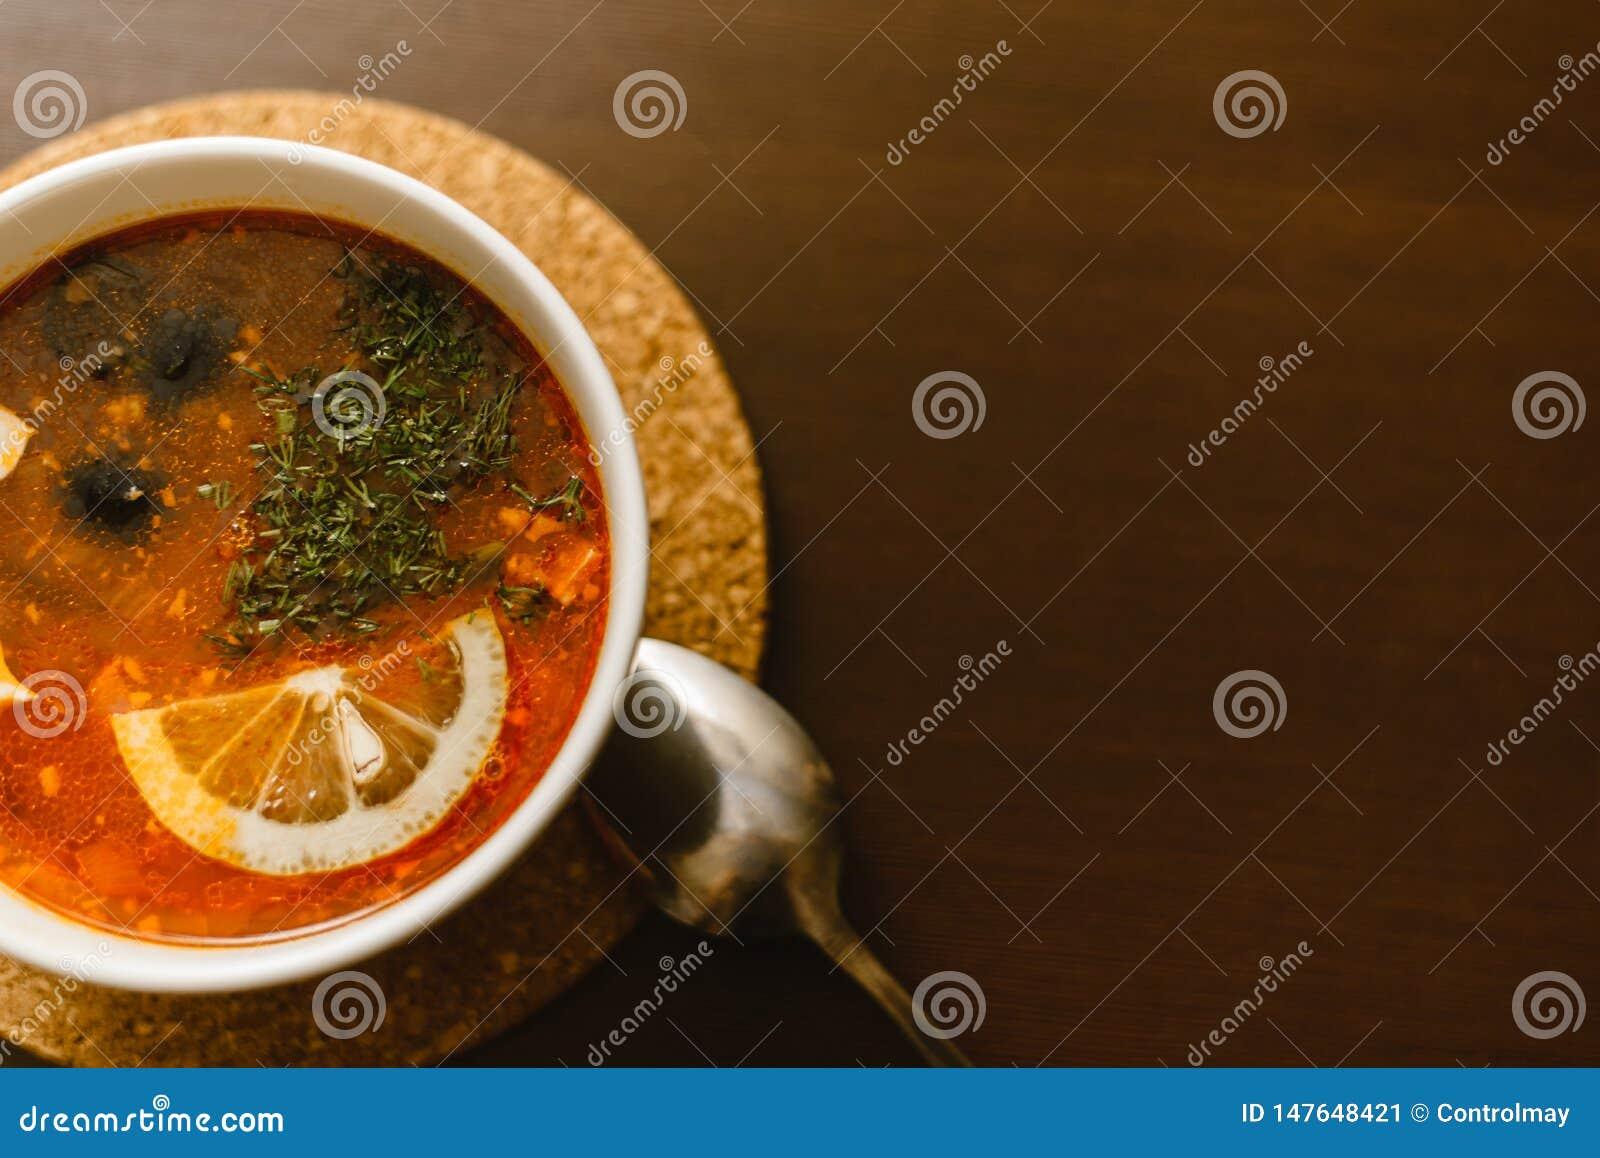 κόκκινη σούπα στο ξύλινο υπόβαθρο